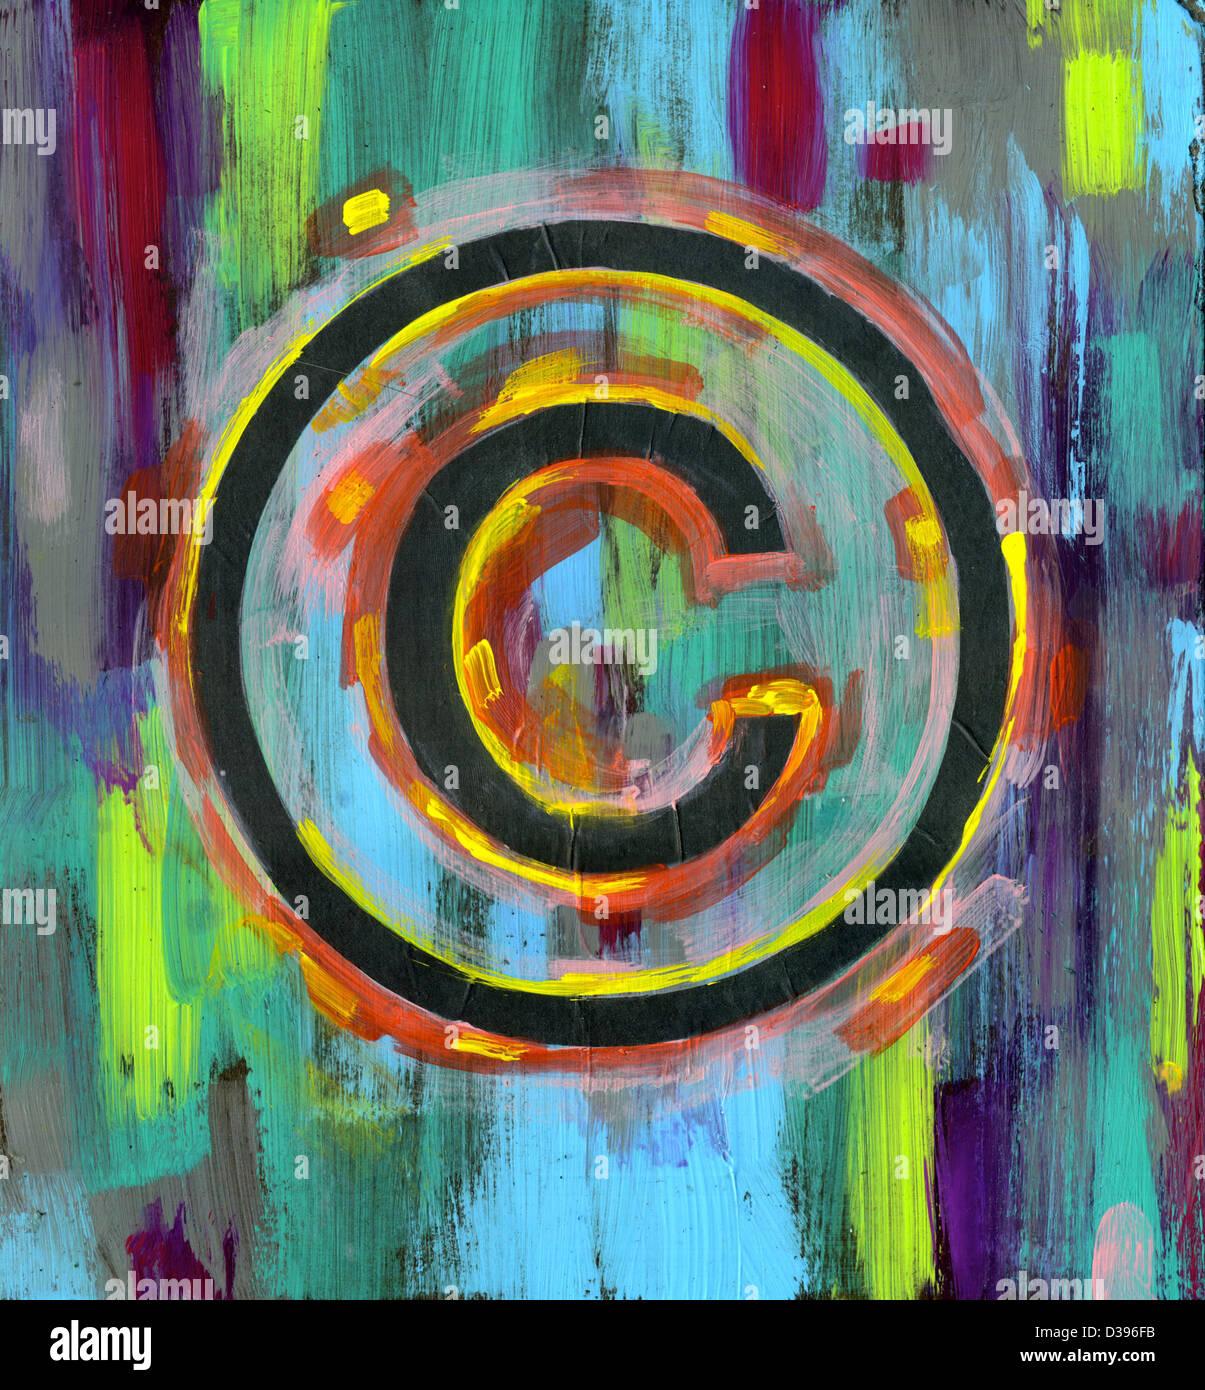 Imagen ilustrativa del símbolo de copyright sobre fondo multicolor Foto de stock